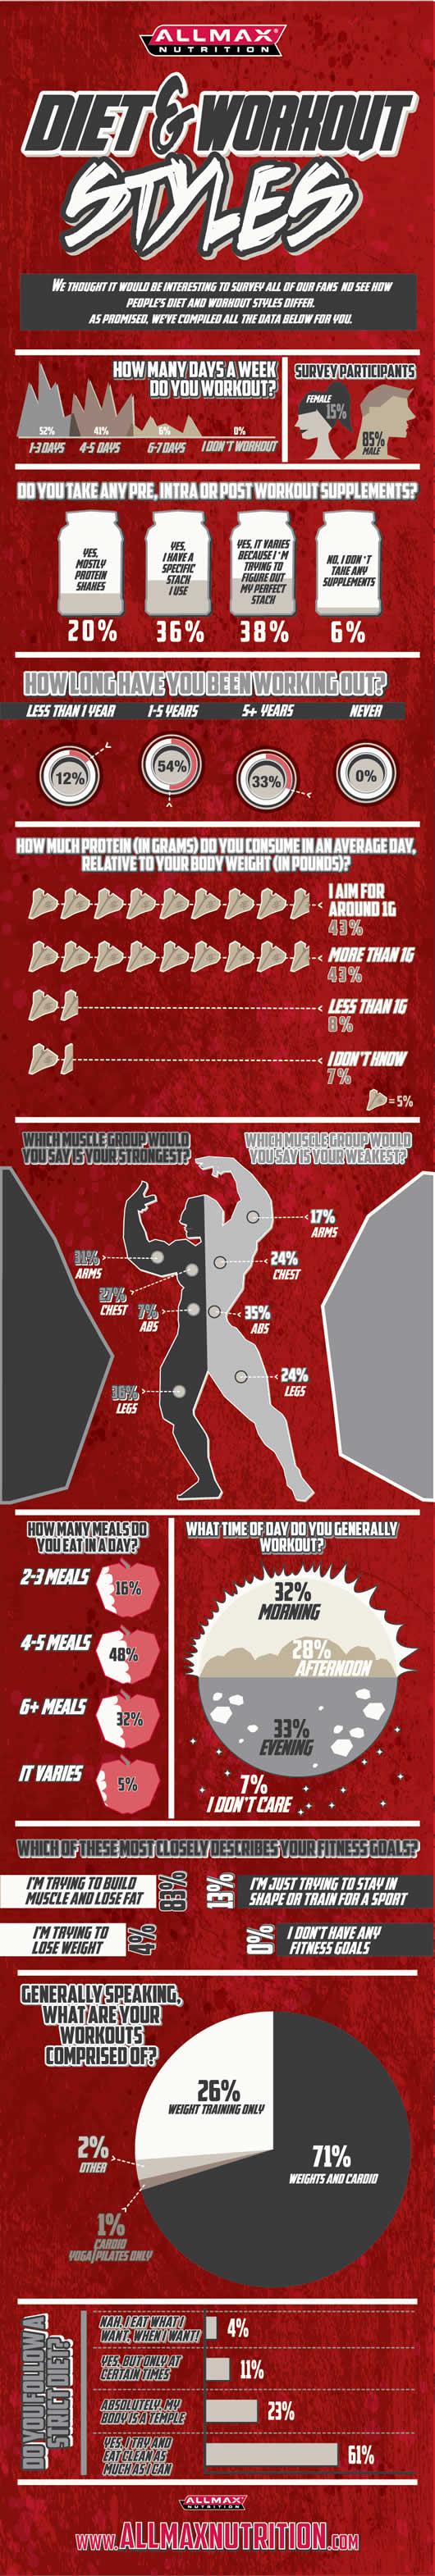 different diet and workout regimen